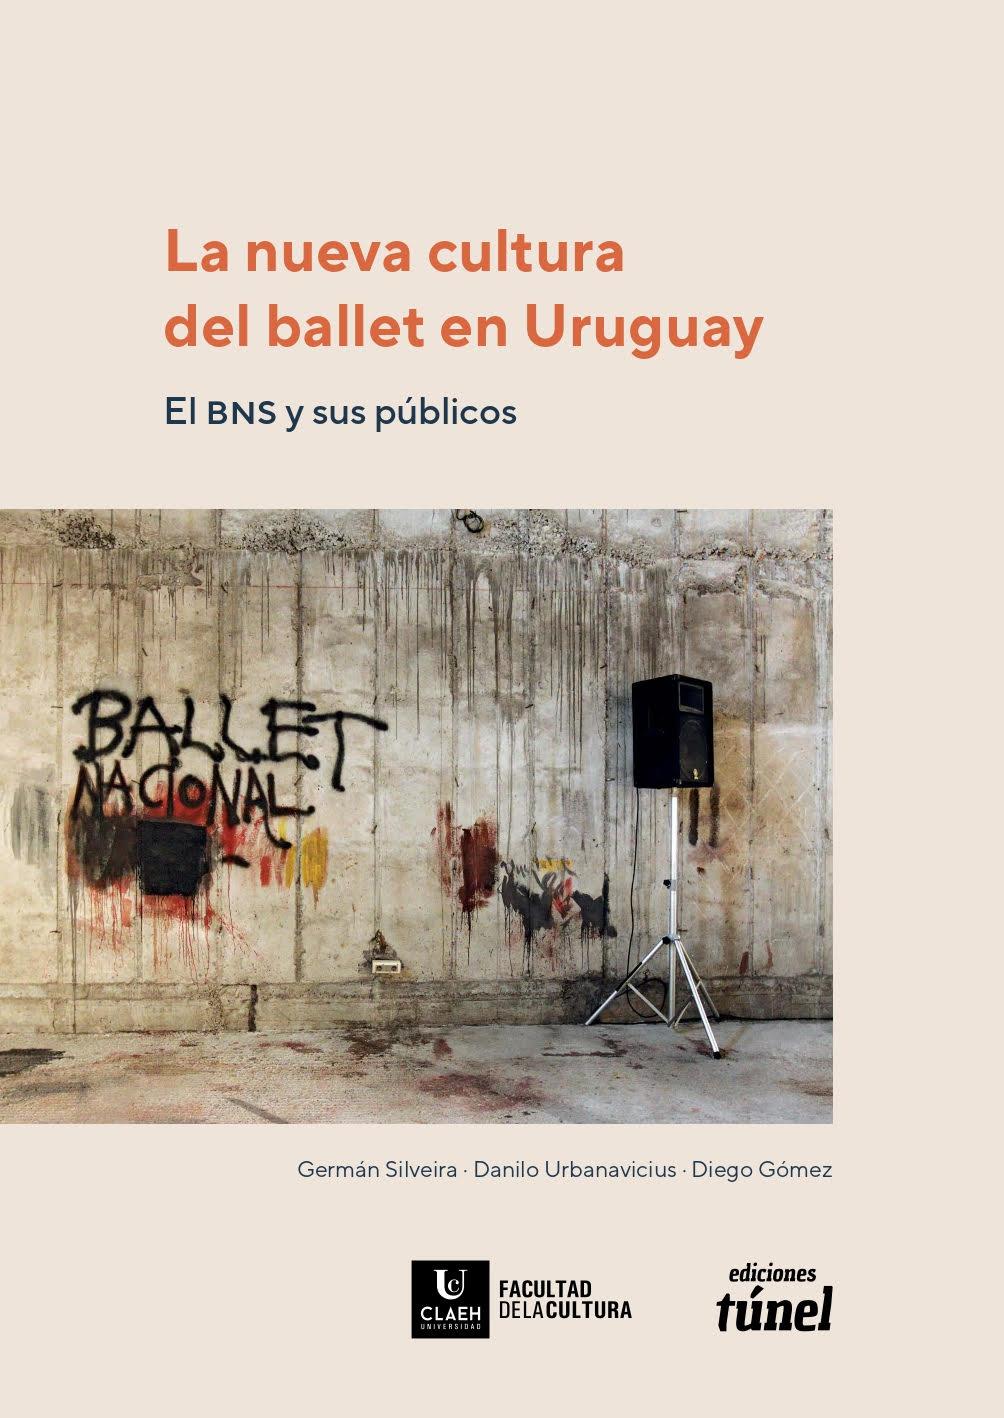 La nueva cultura del ballet en Uruguay